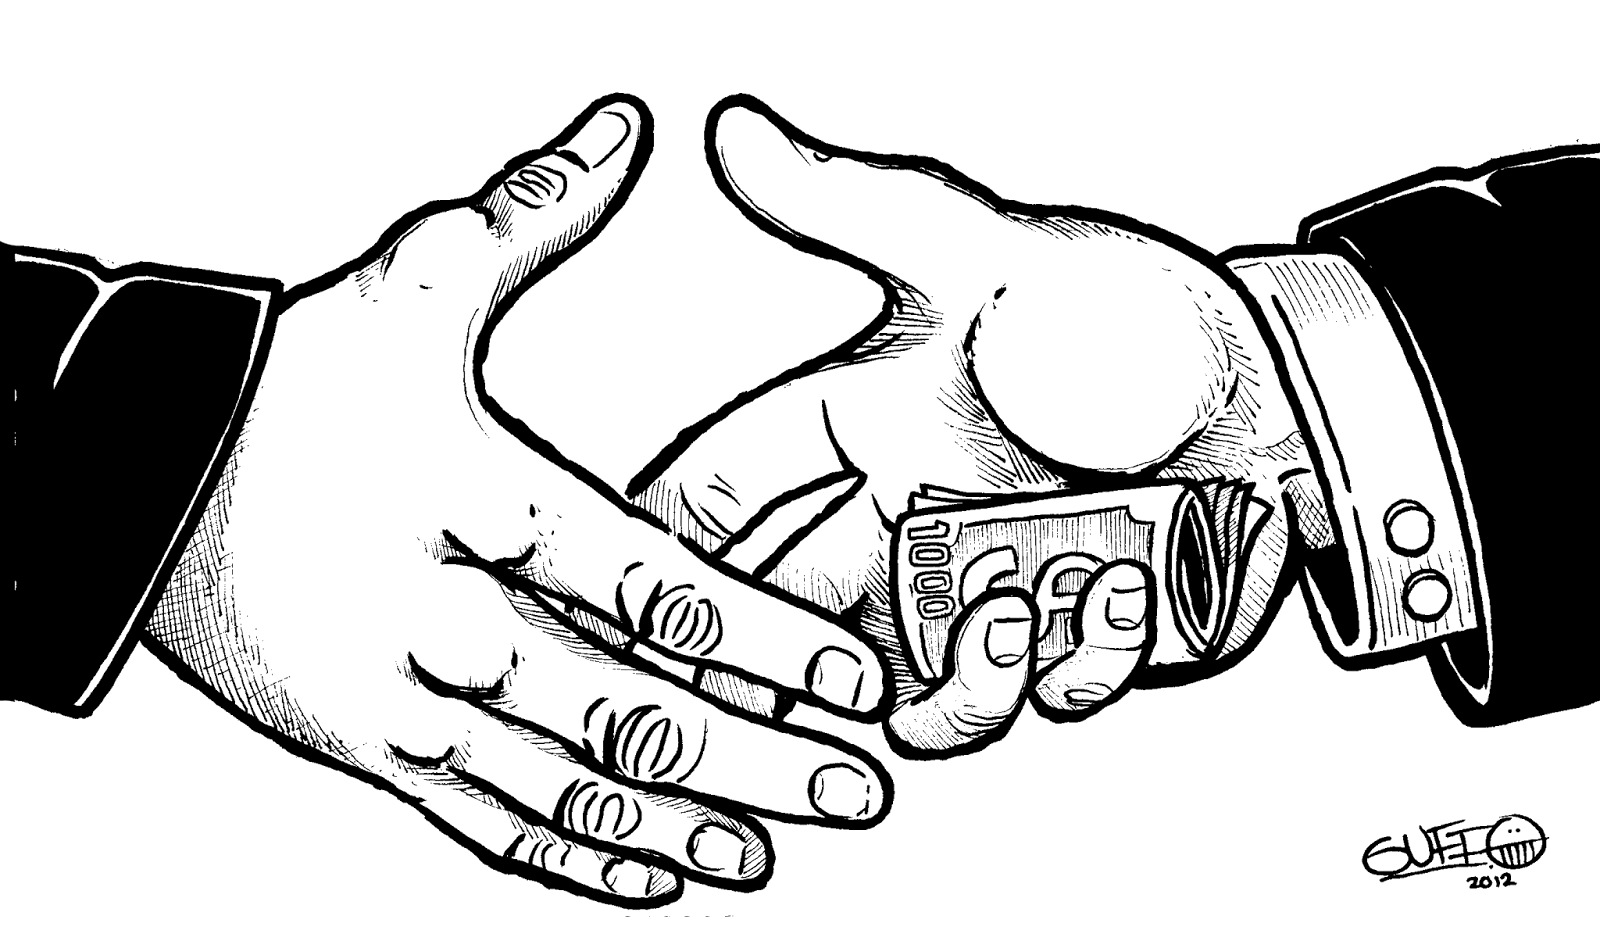 RED UTOPIA ROJA: CORRUPCIÓN E IMPUNIDAD: ENEMIGOS INTERNOS, por Marcelo  Colussi